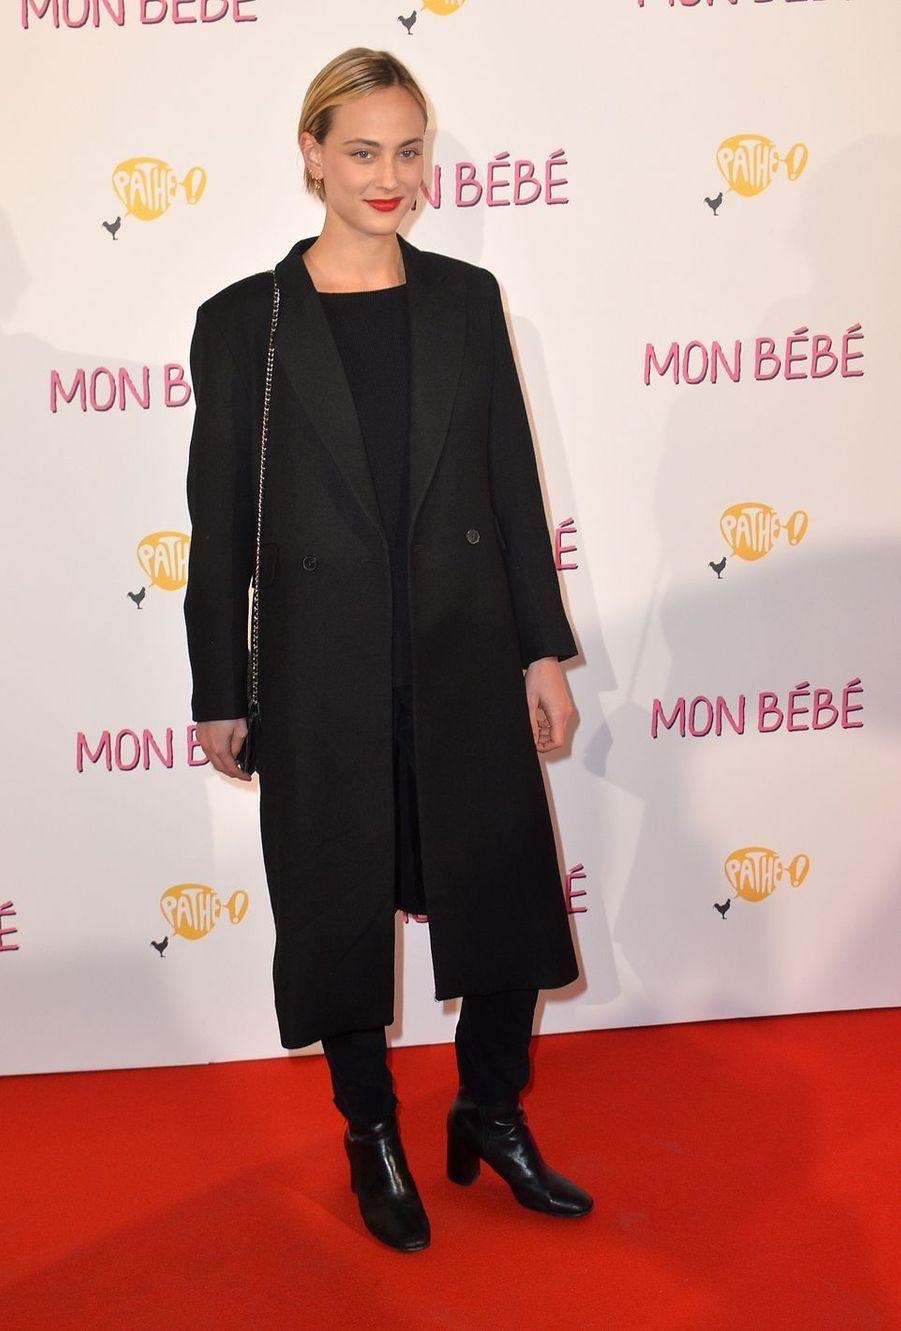 """Nora Arnezederà l'avant-première du film """"Mon bébé"""" à Paris le 11 mars 2019"""